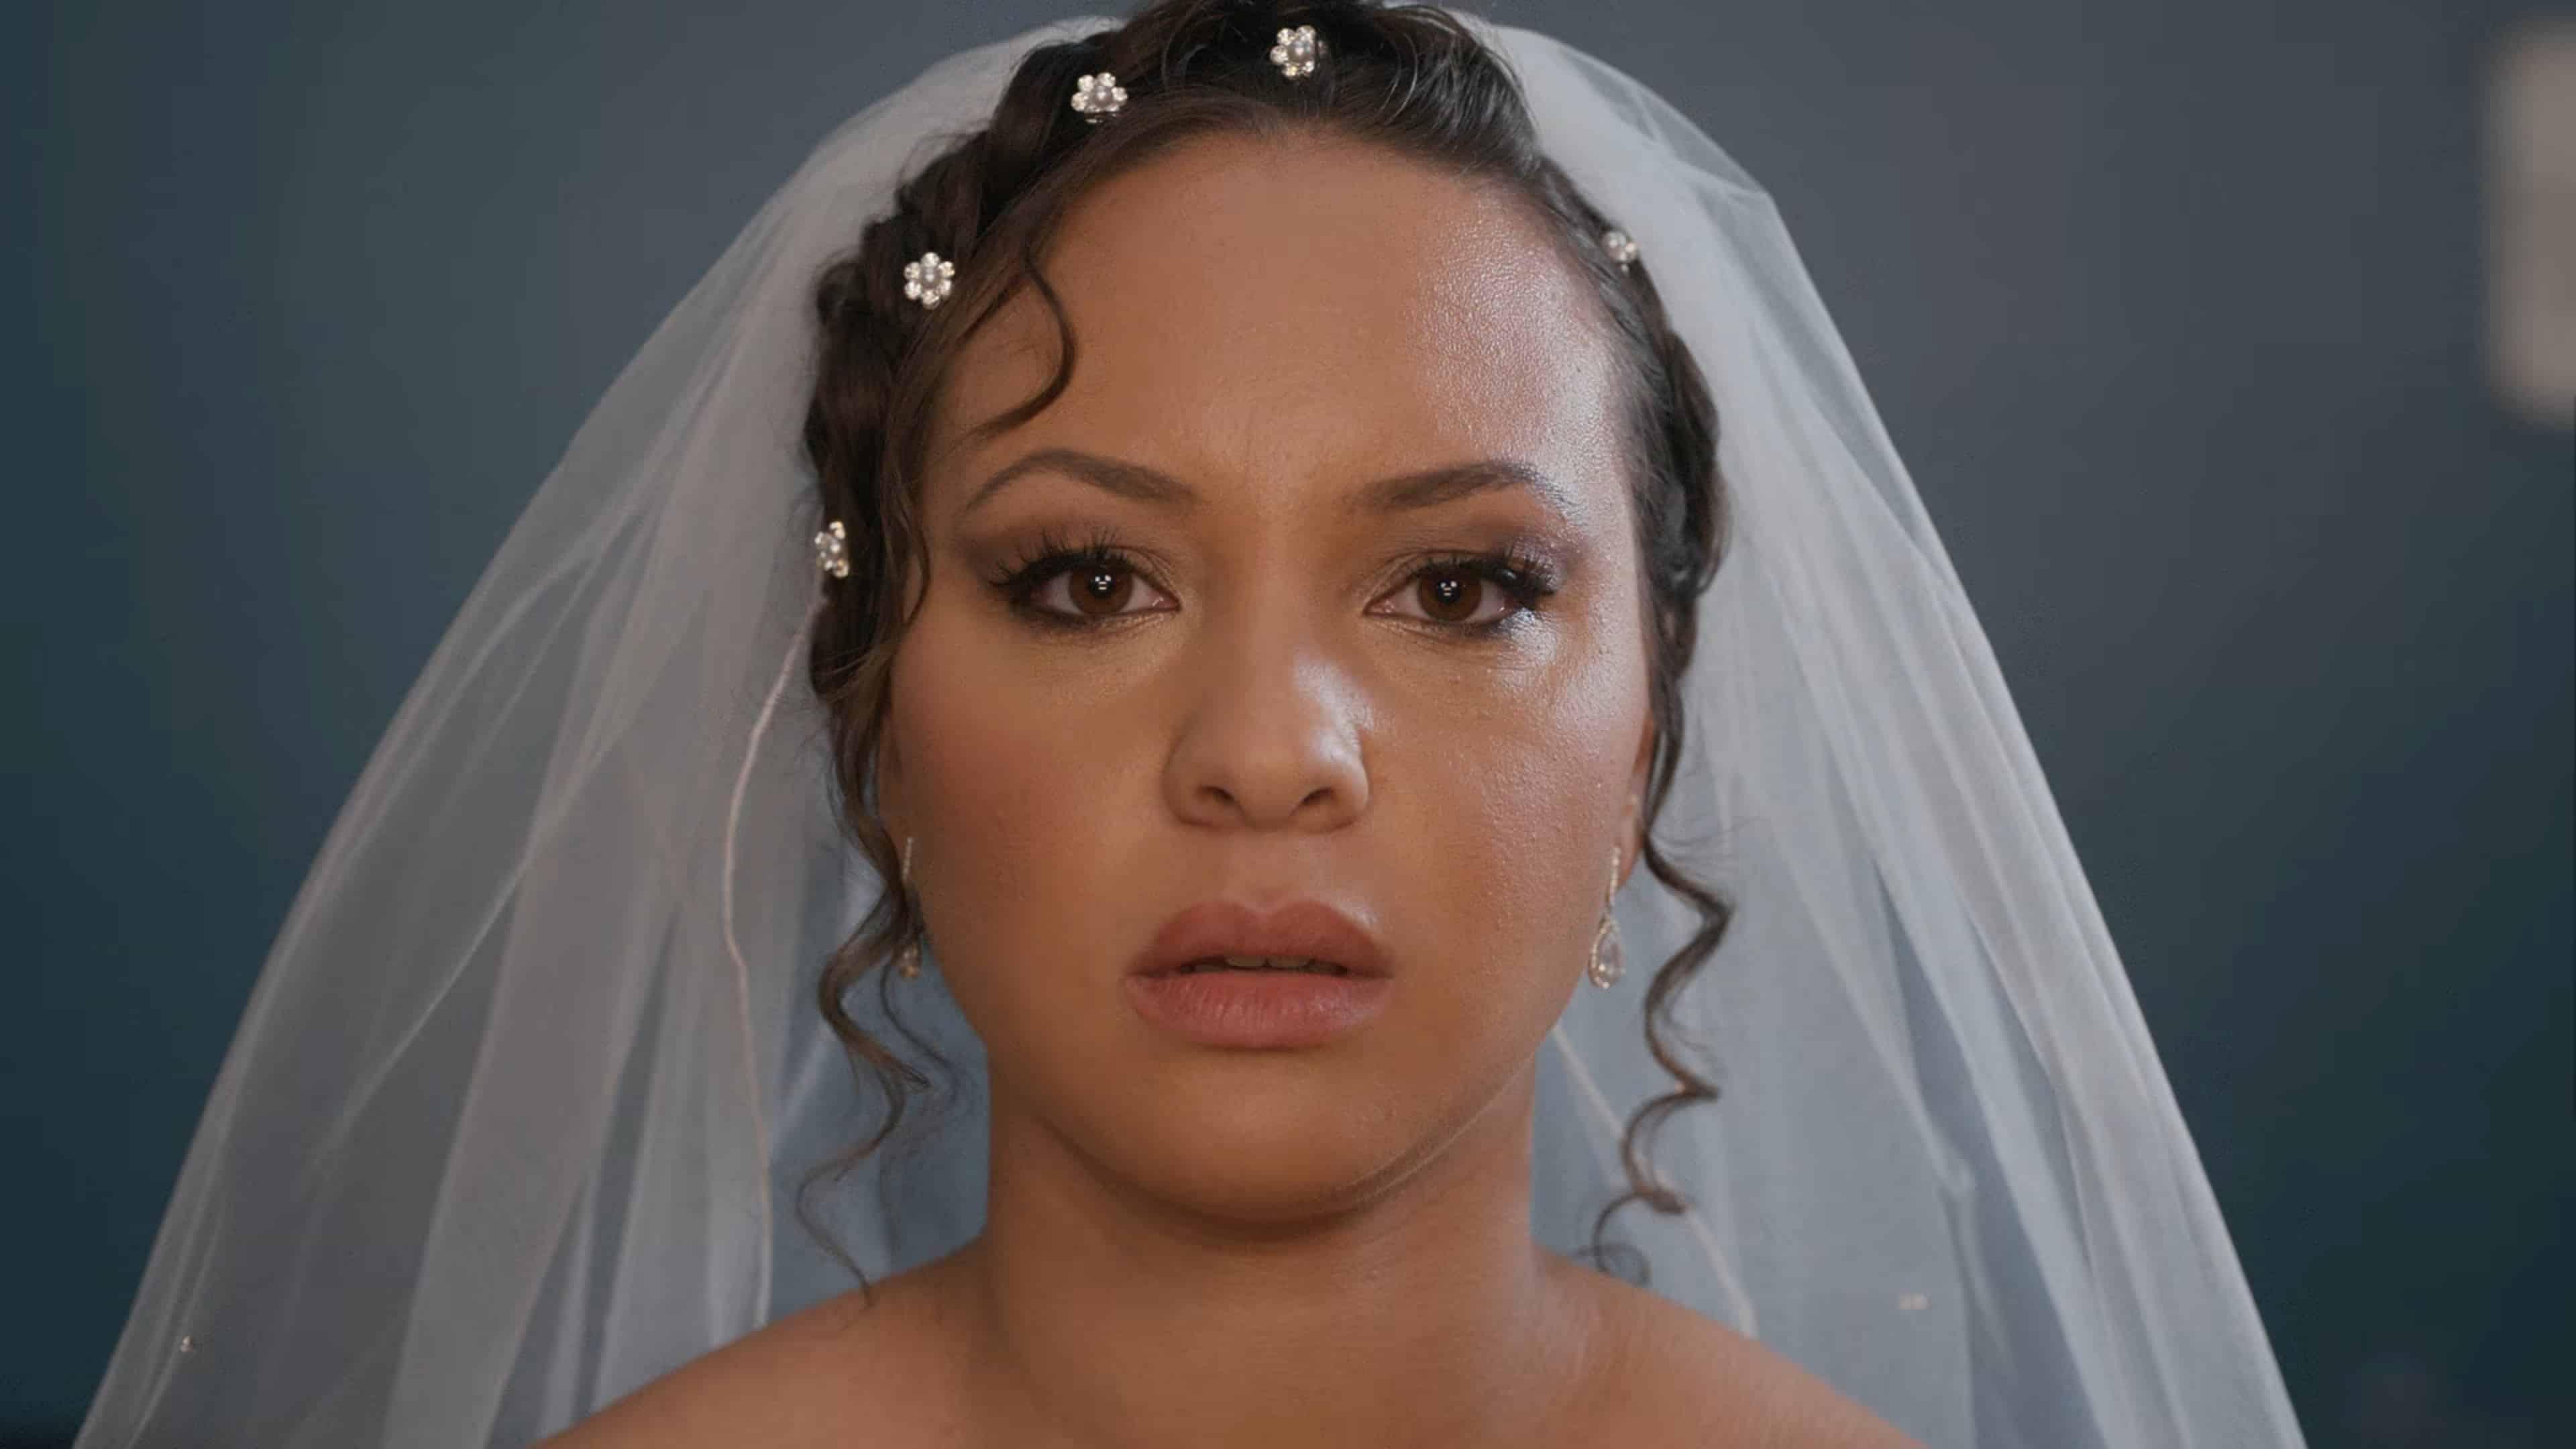 Ashley in bridal attire